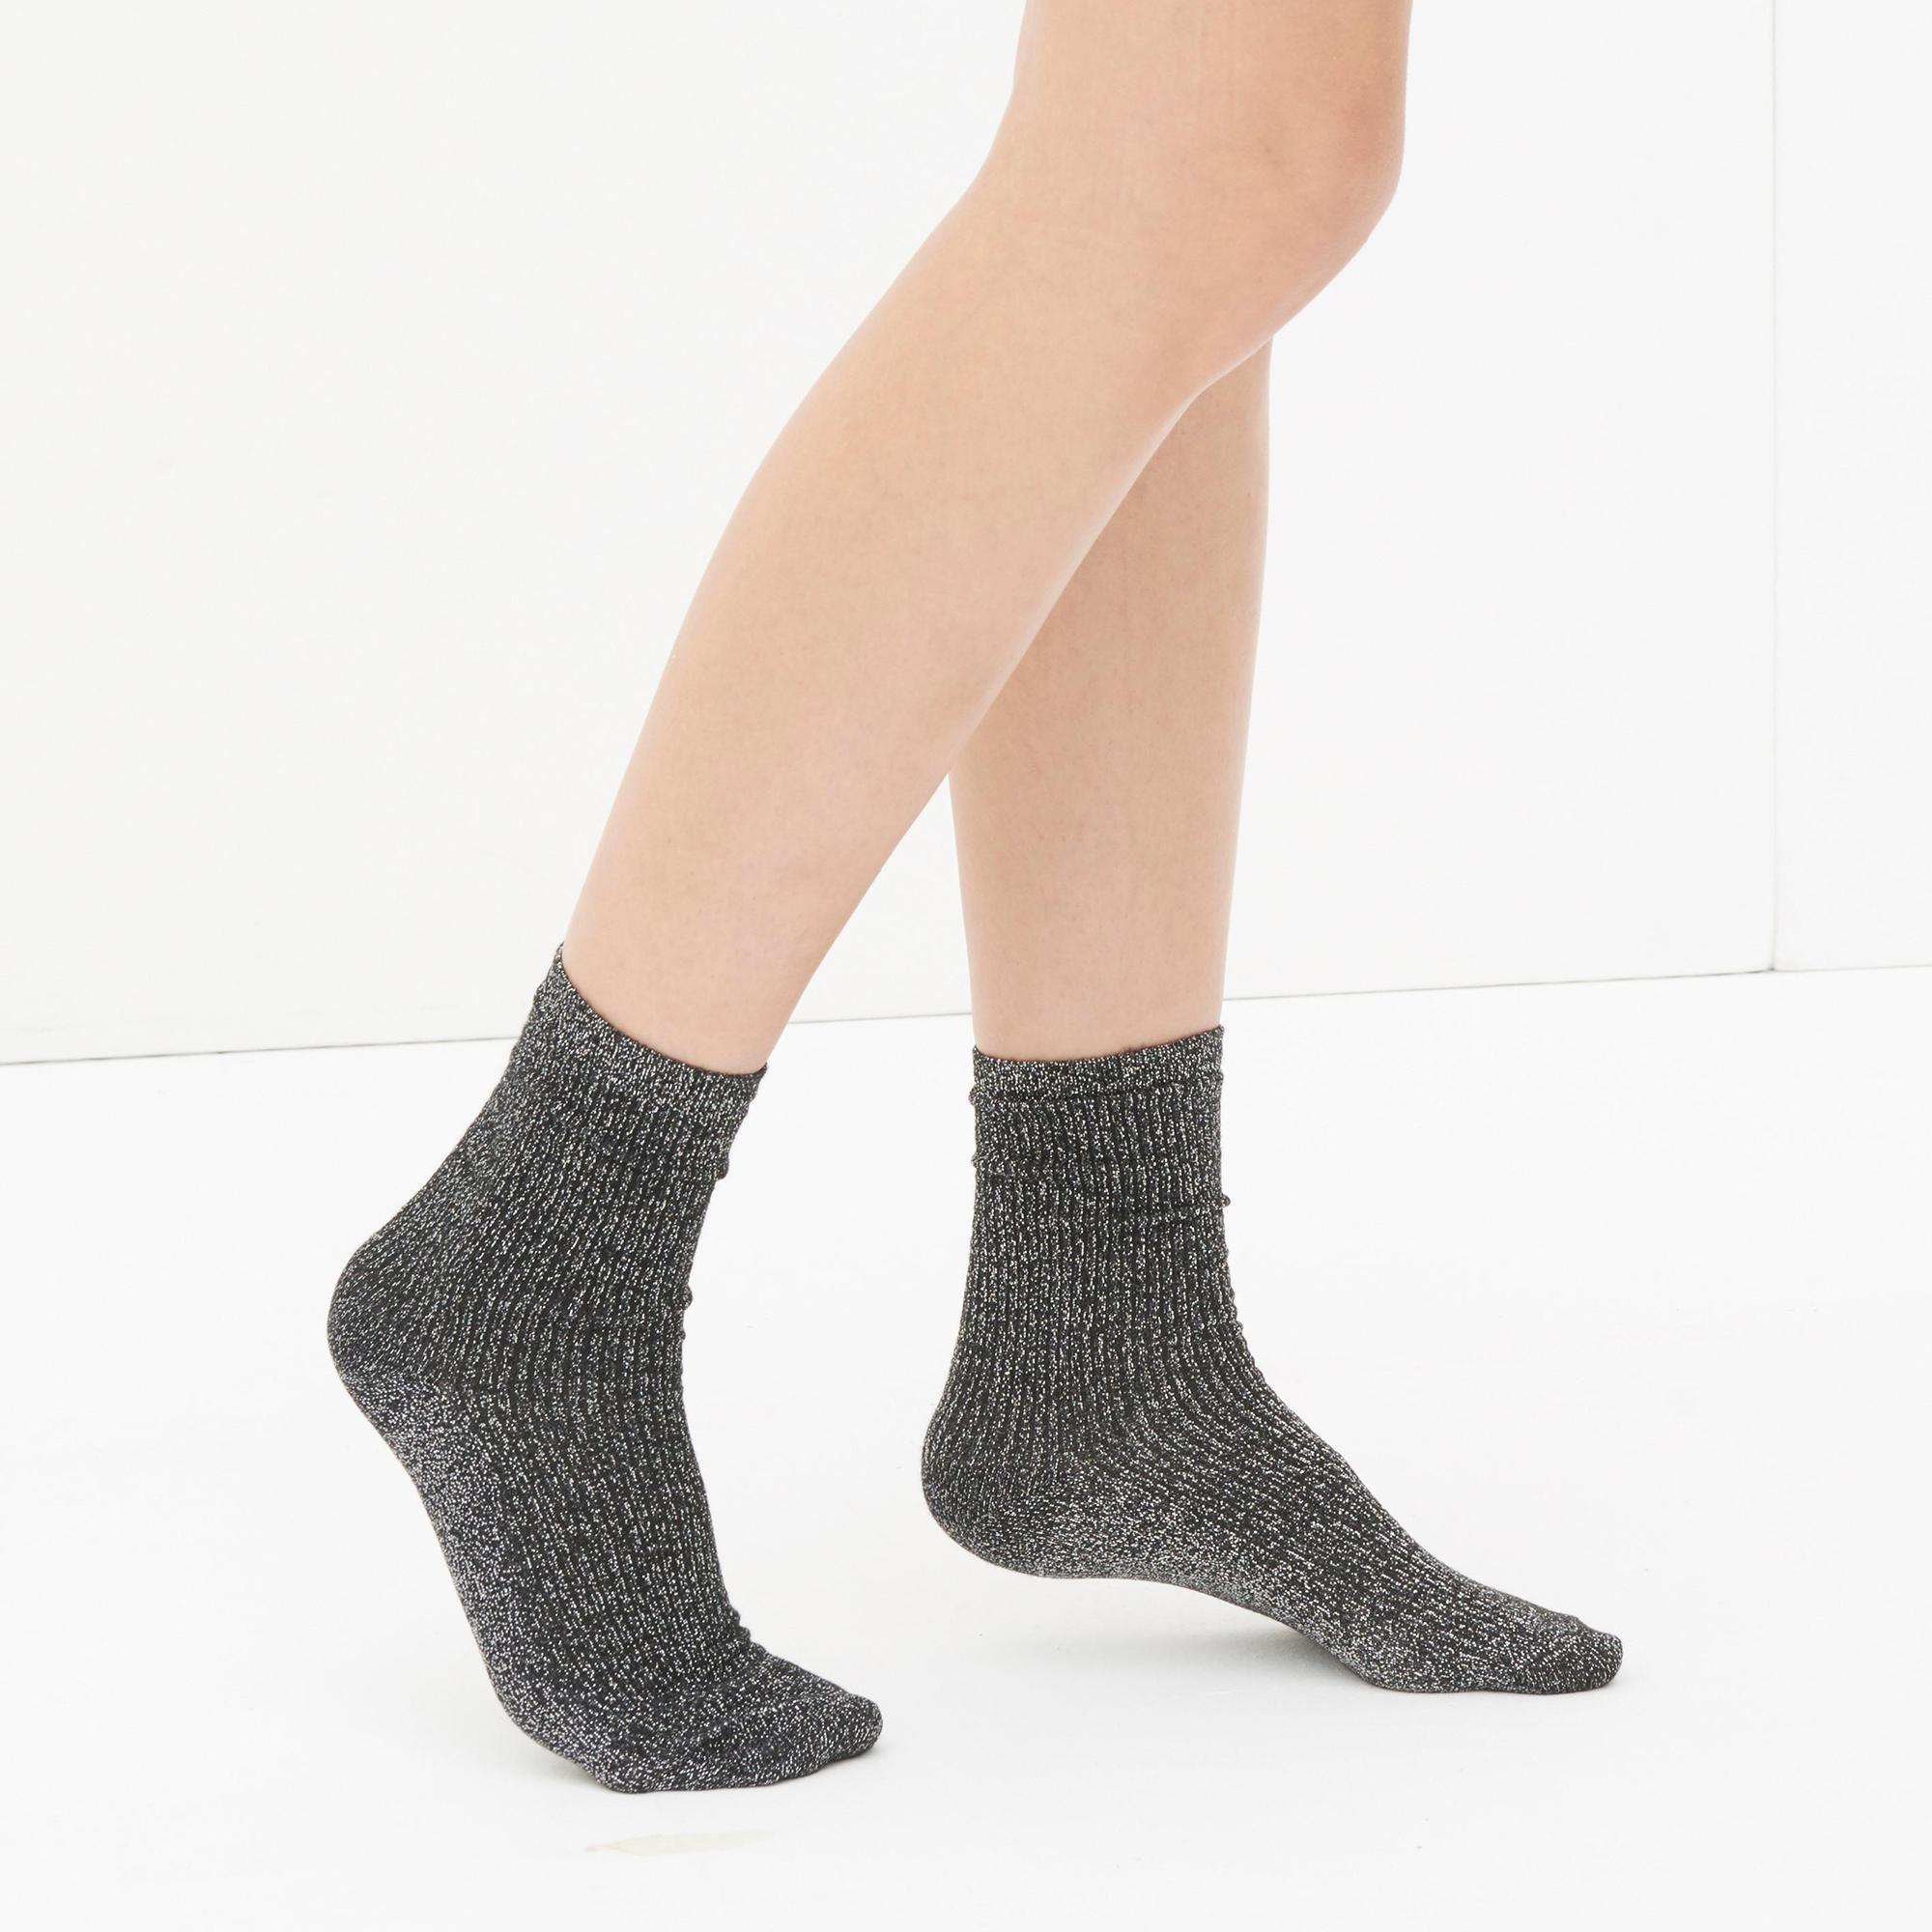 Xmas Socks : Cadeaux Opé colore Unico